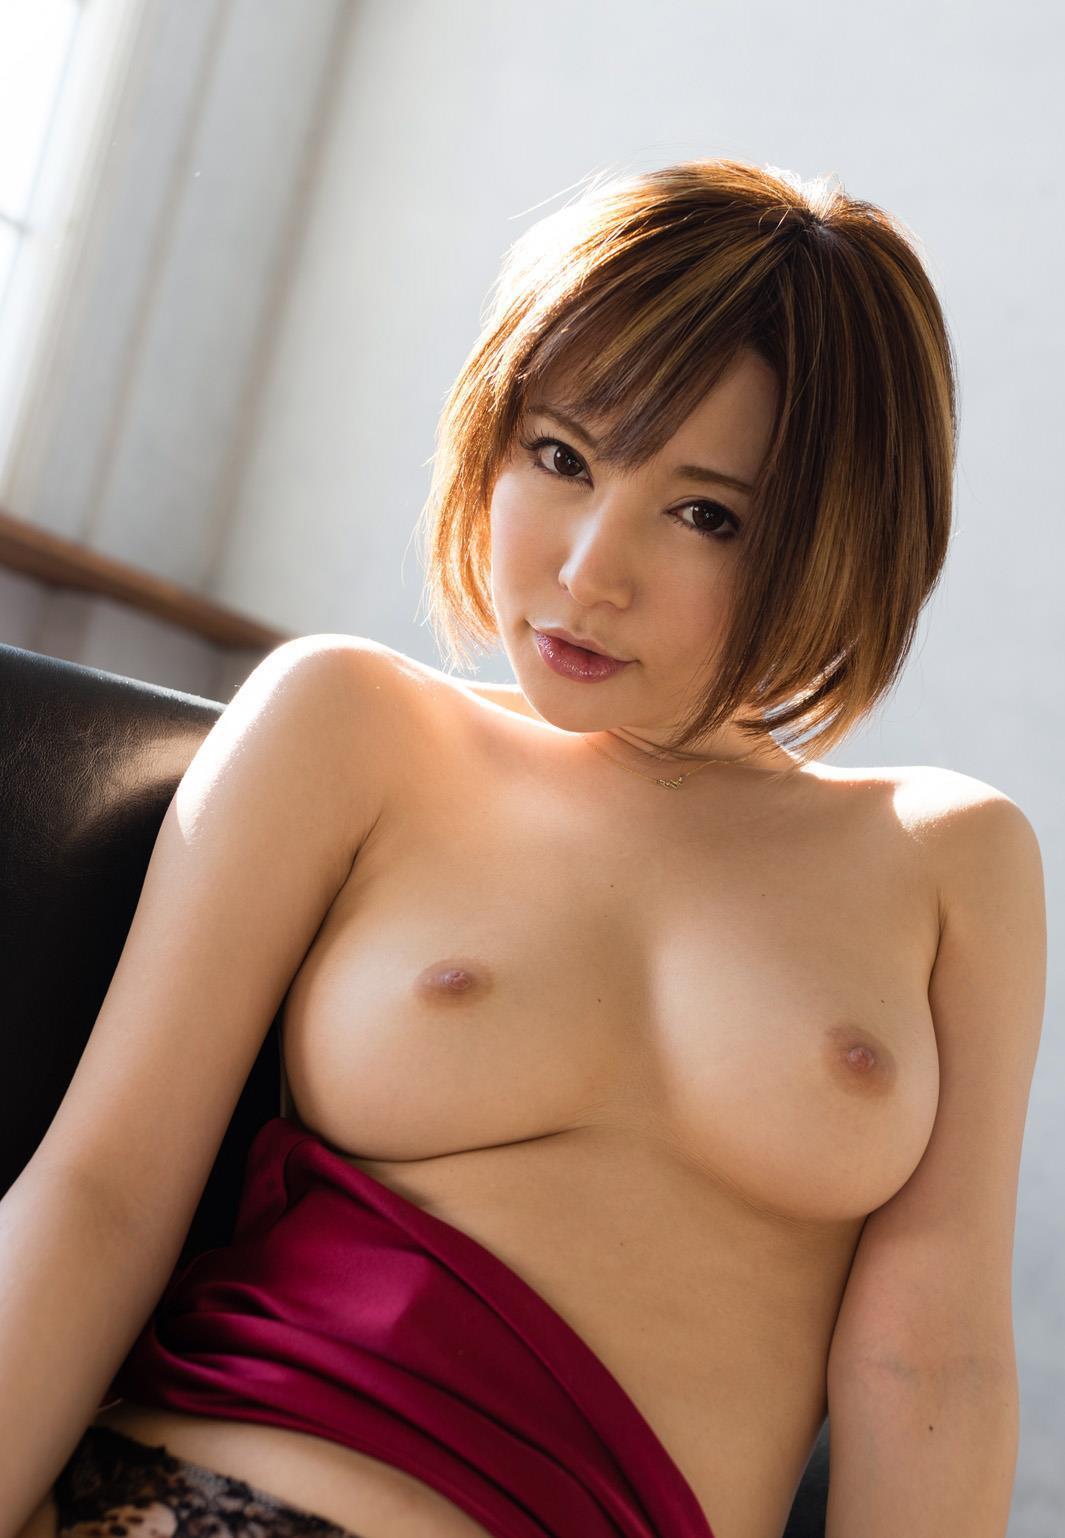 里美ゆりあ(小泉彩) ヌード画像 17